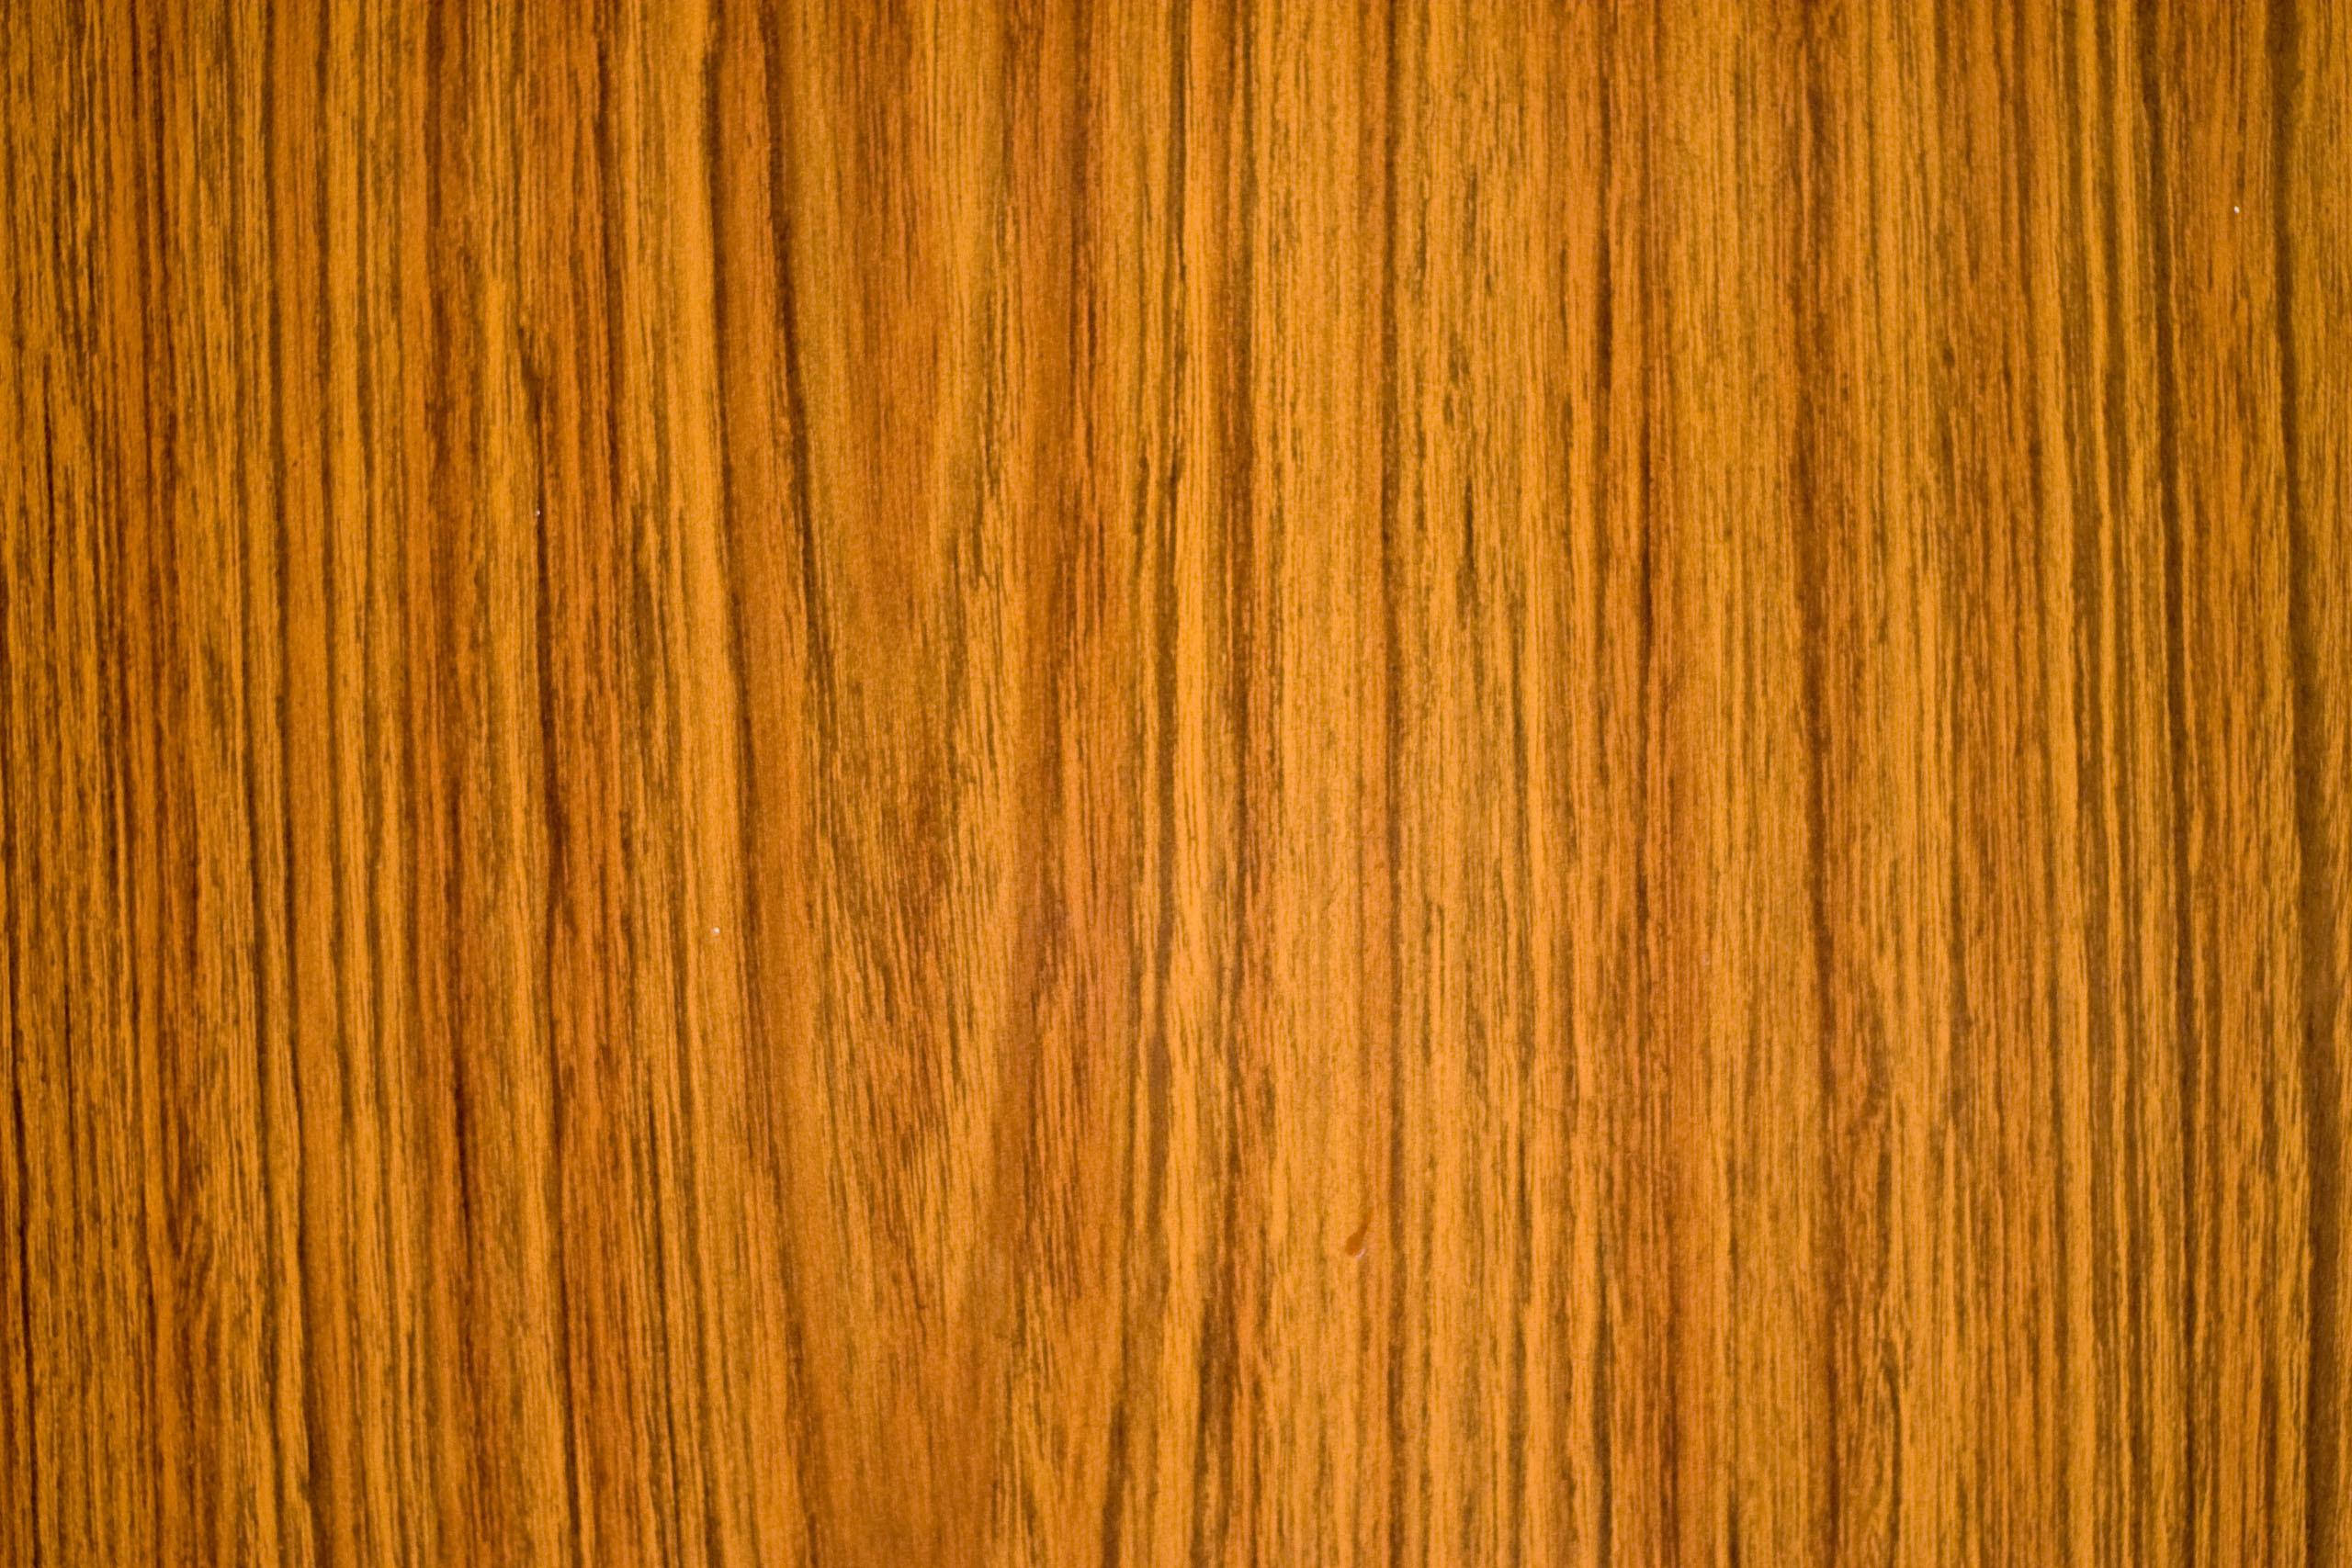 Wood Grain Wallpaper Wallpapersafari .